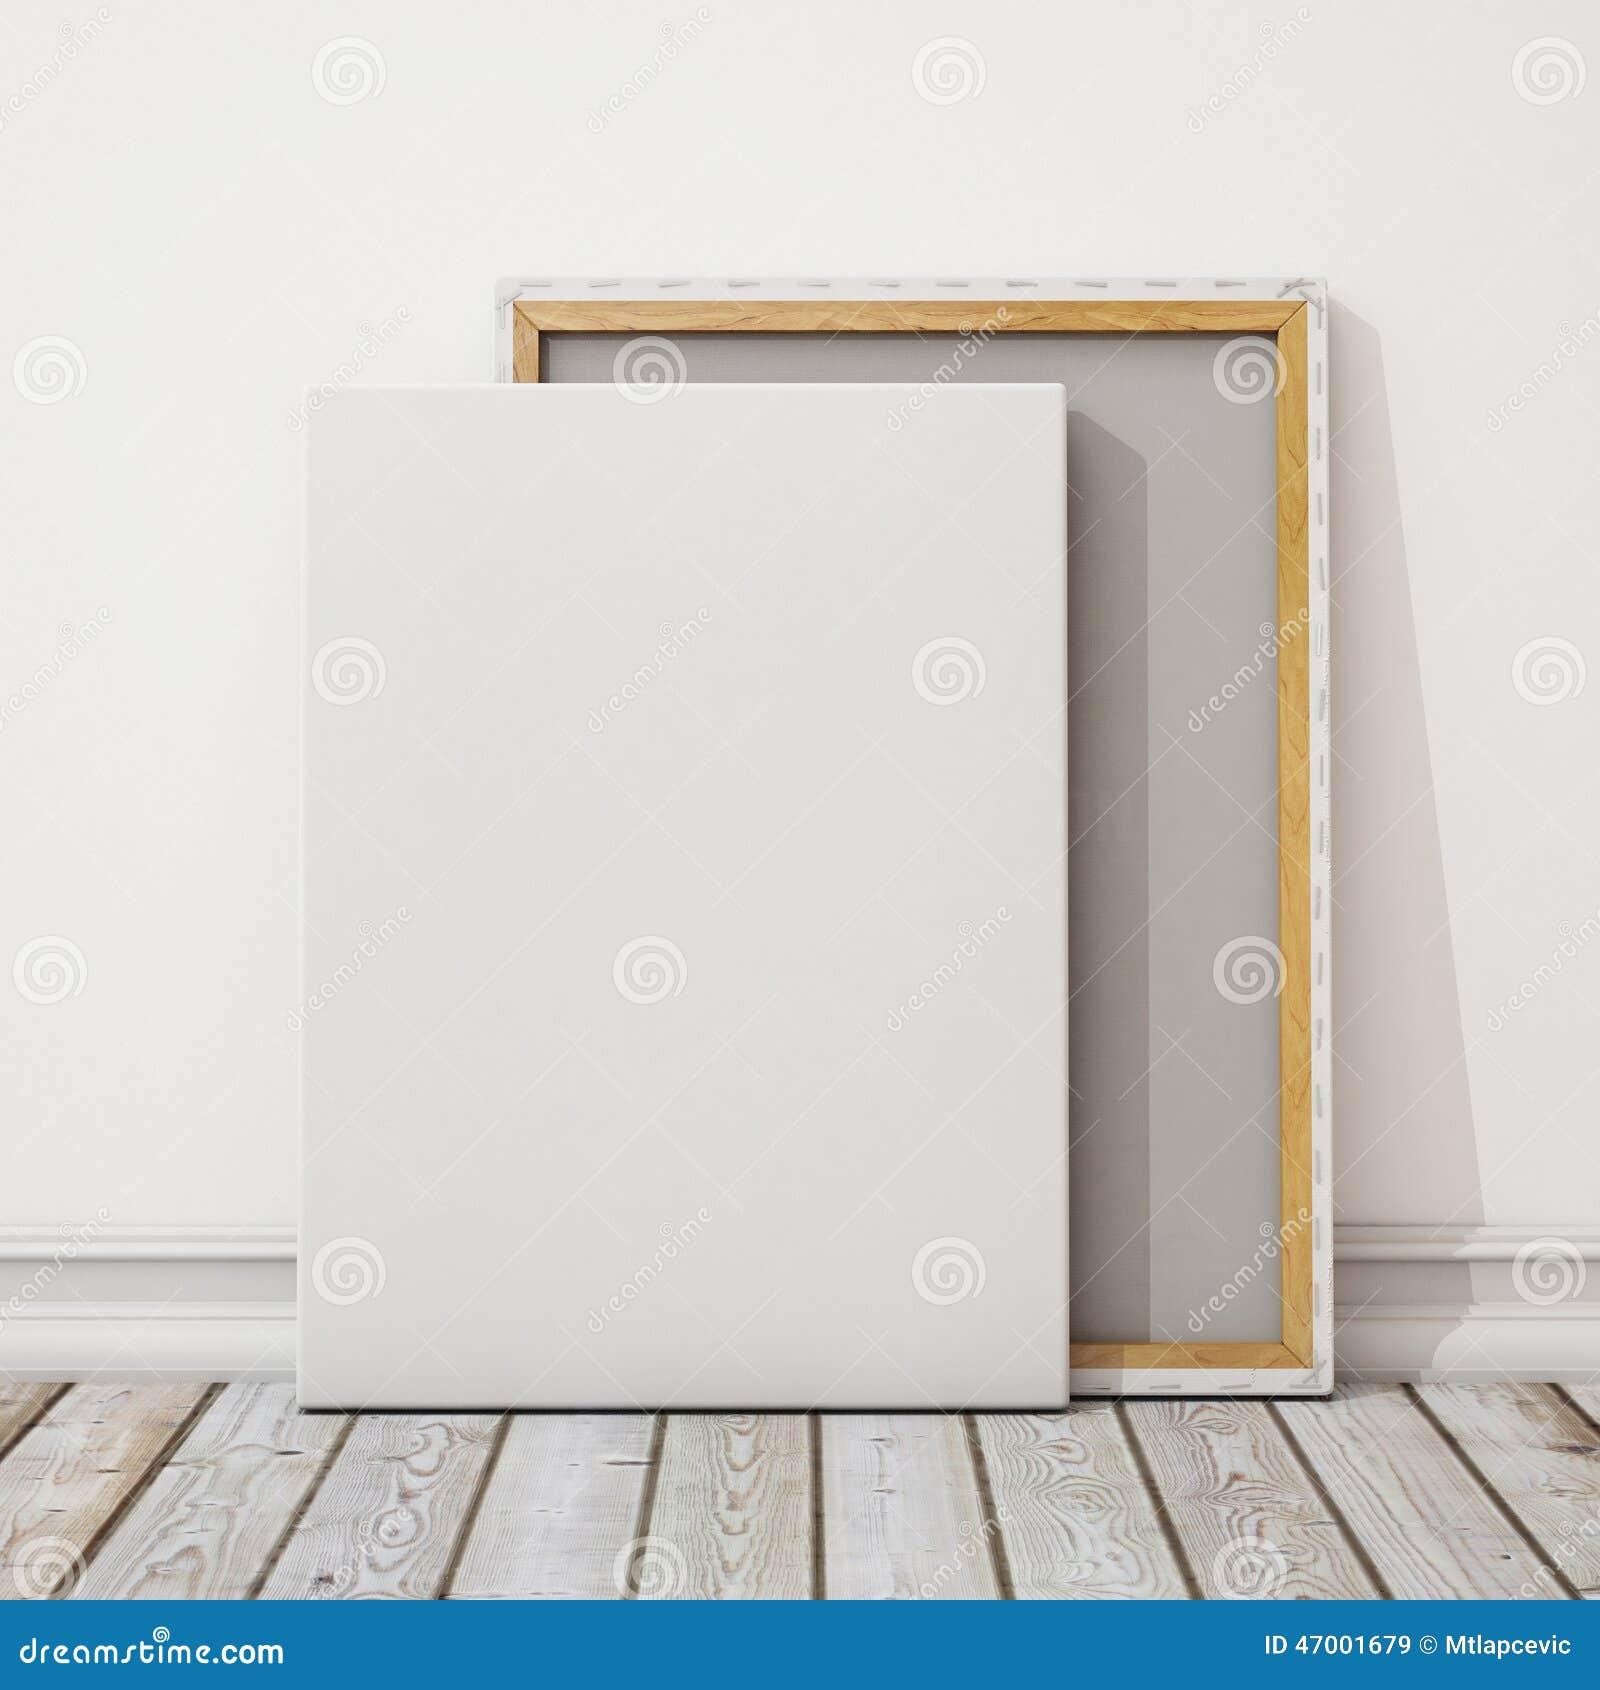 Förlöjliga upp tom kanfas eller affischen med högen av kanfas på golvet och väggen, bakgrund